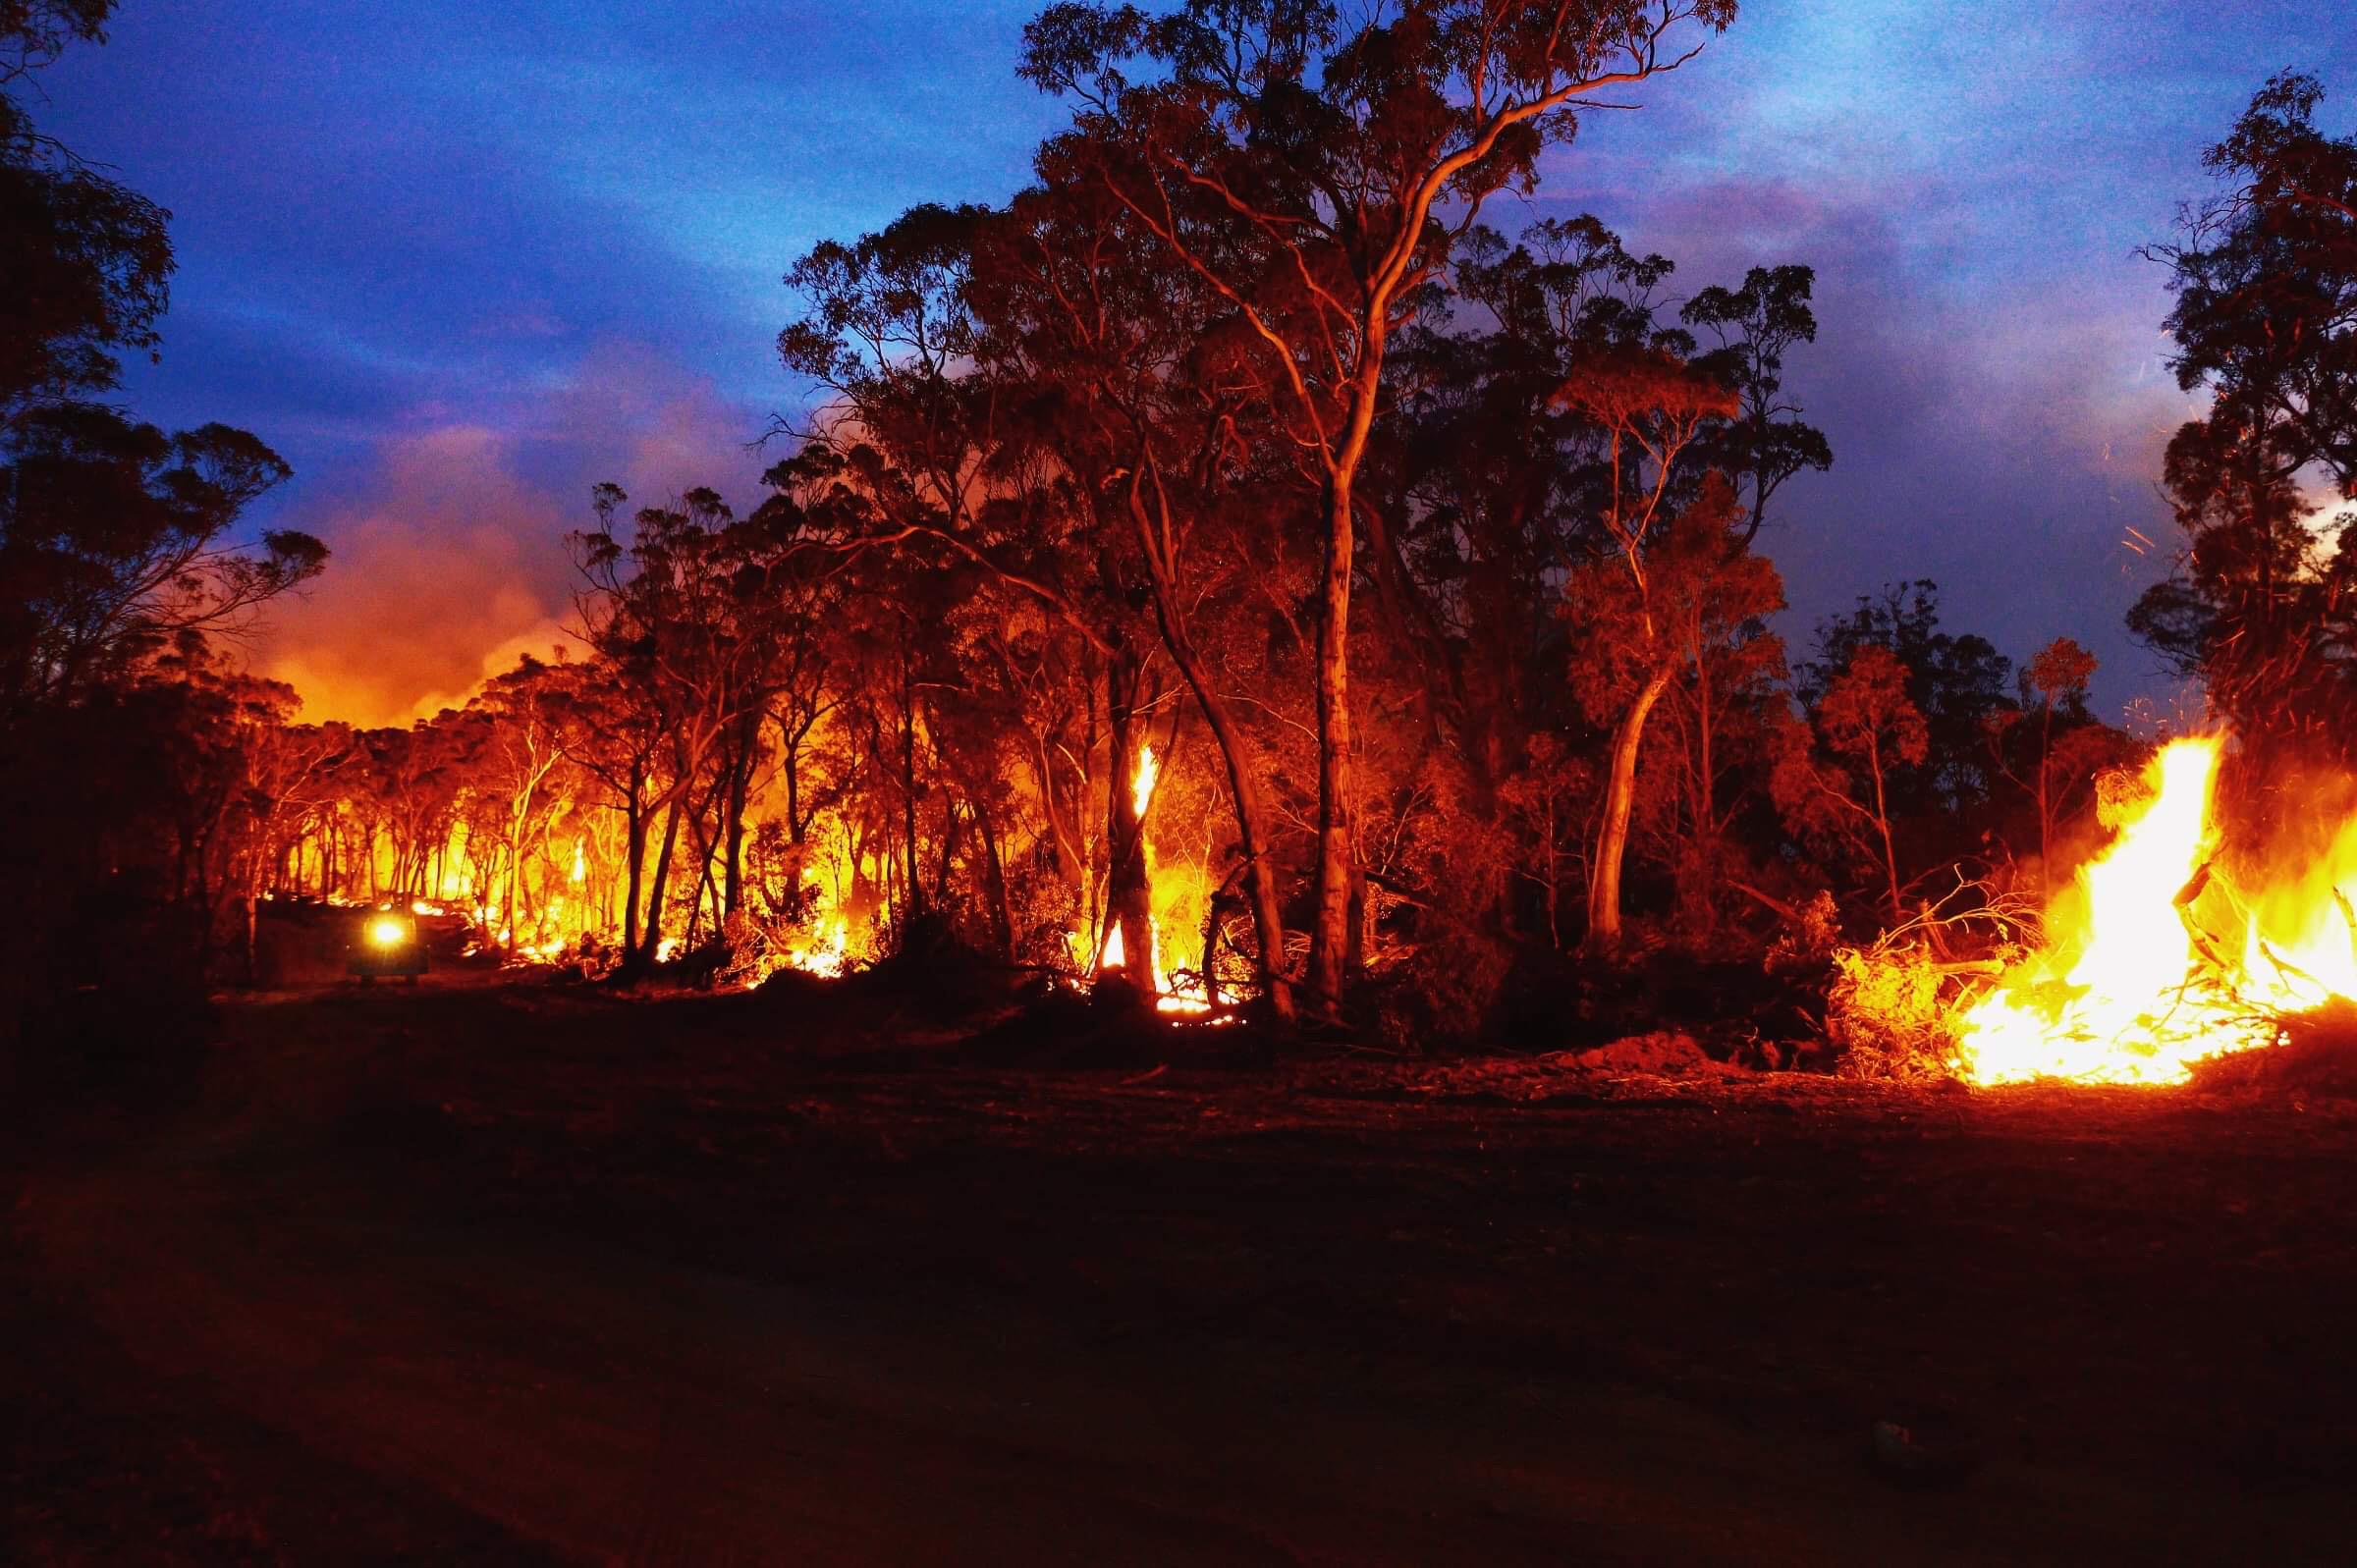 カナダ人はオーストラリアの「メガメガ」山火事の最前線にいます